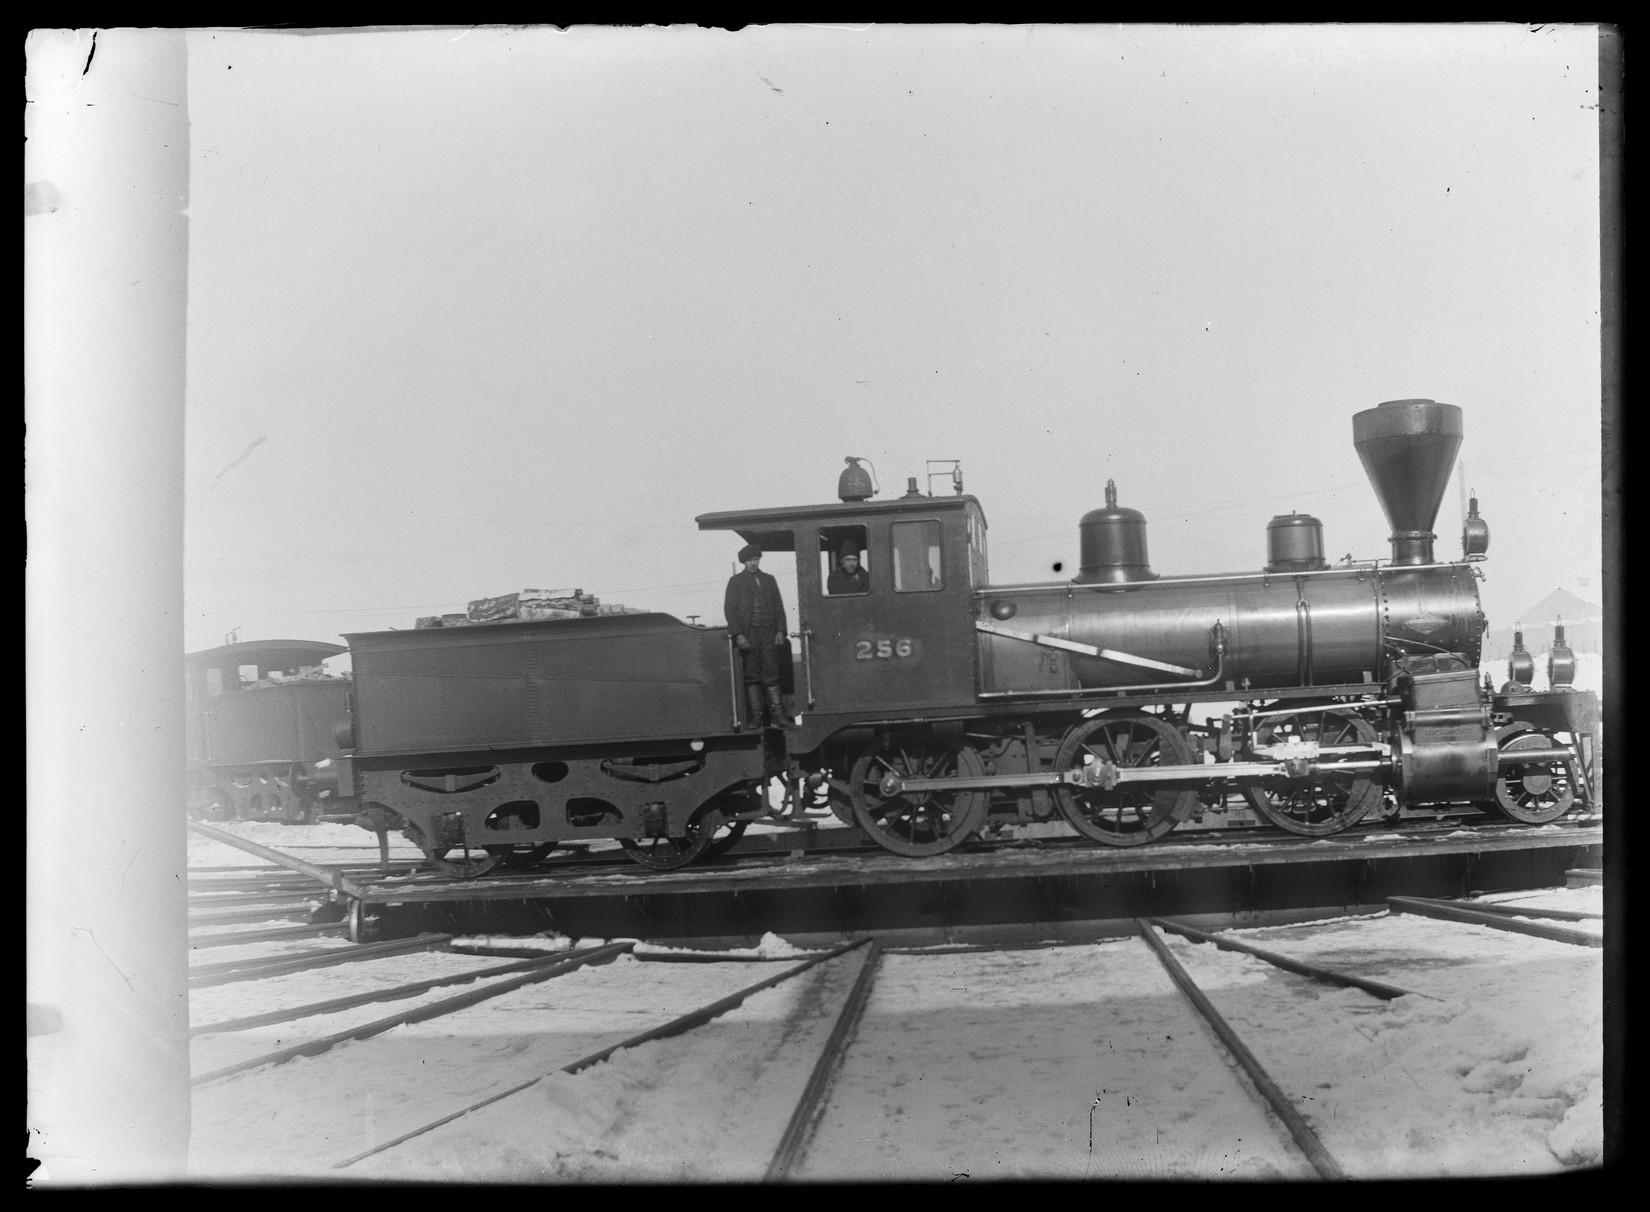 Паровоз серии G8 (позже SK6), № 256, изготовленный Richmond Locomotive Works, Ричмонд, штат Вирджиния, США, год выпуска 1898 года, отказались от использования в 1950